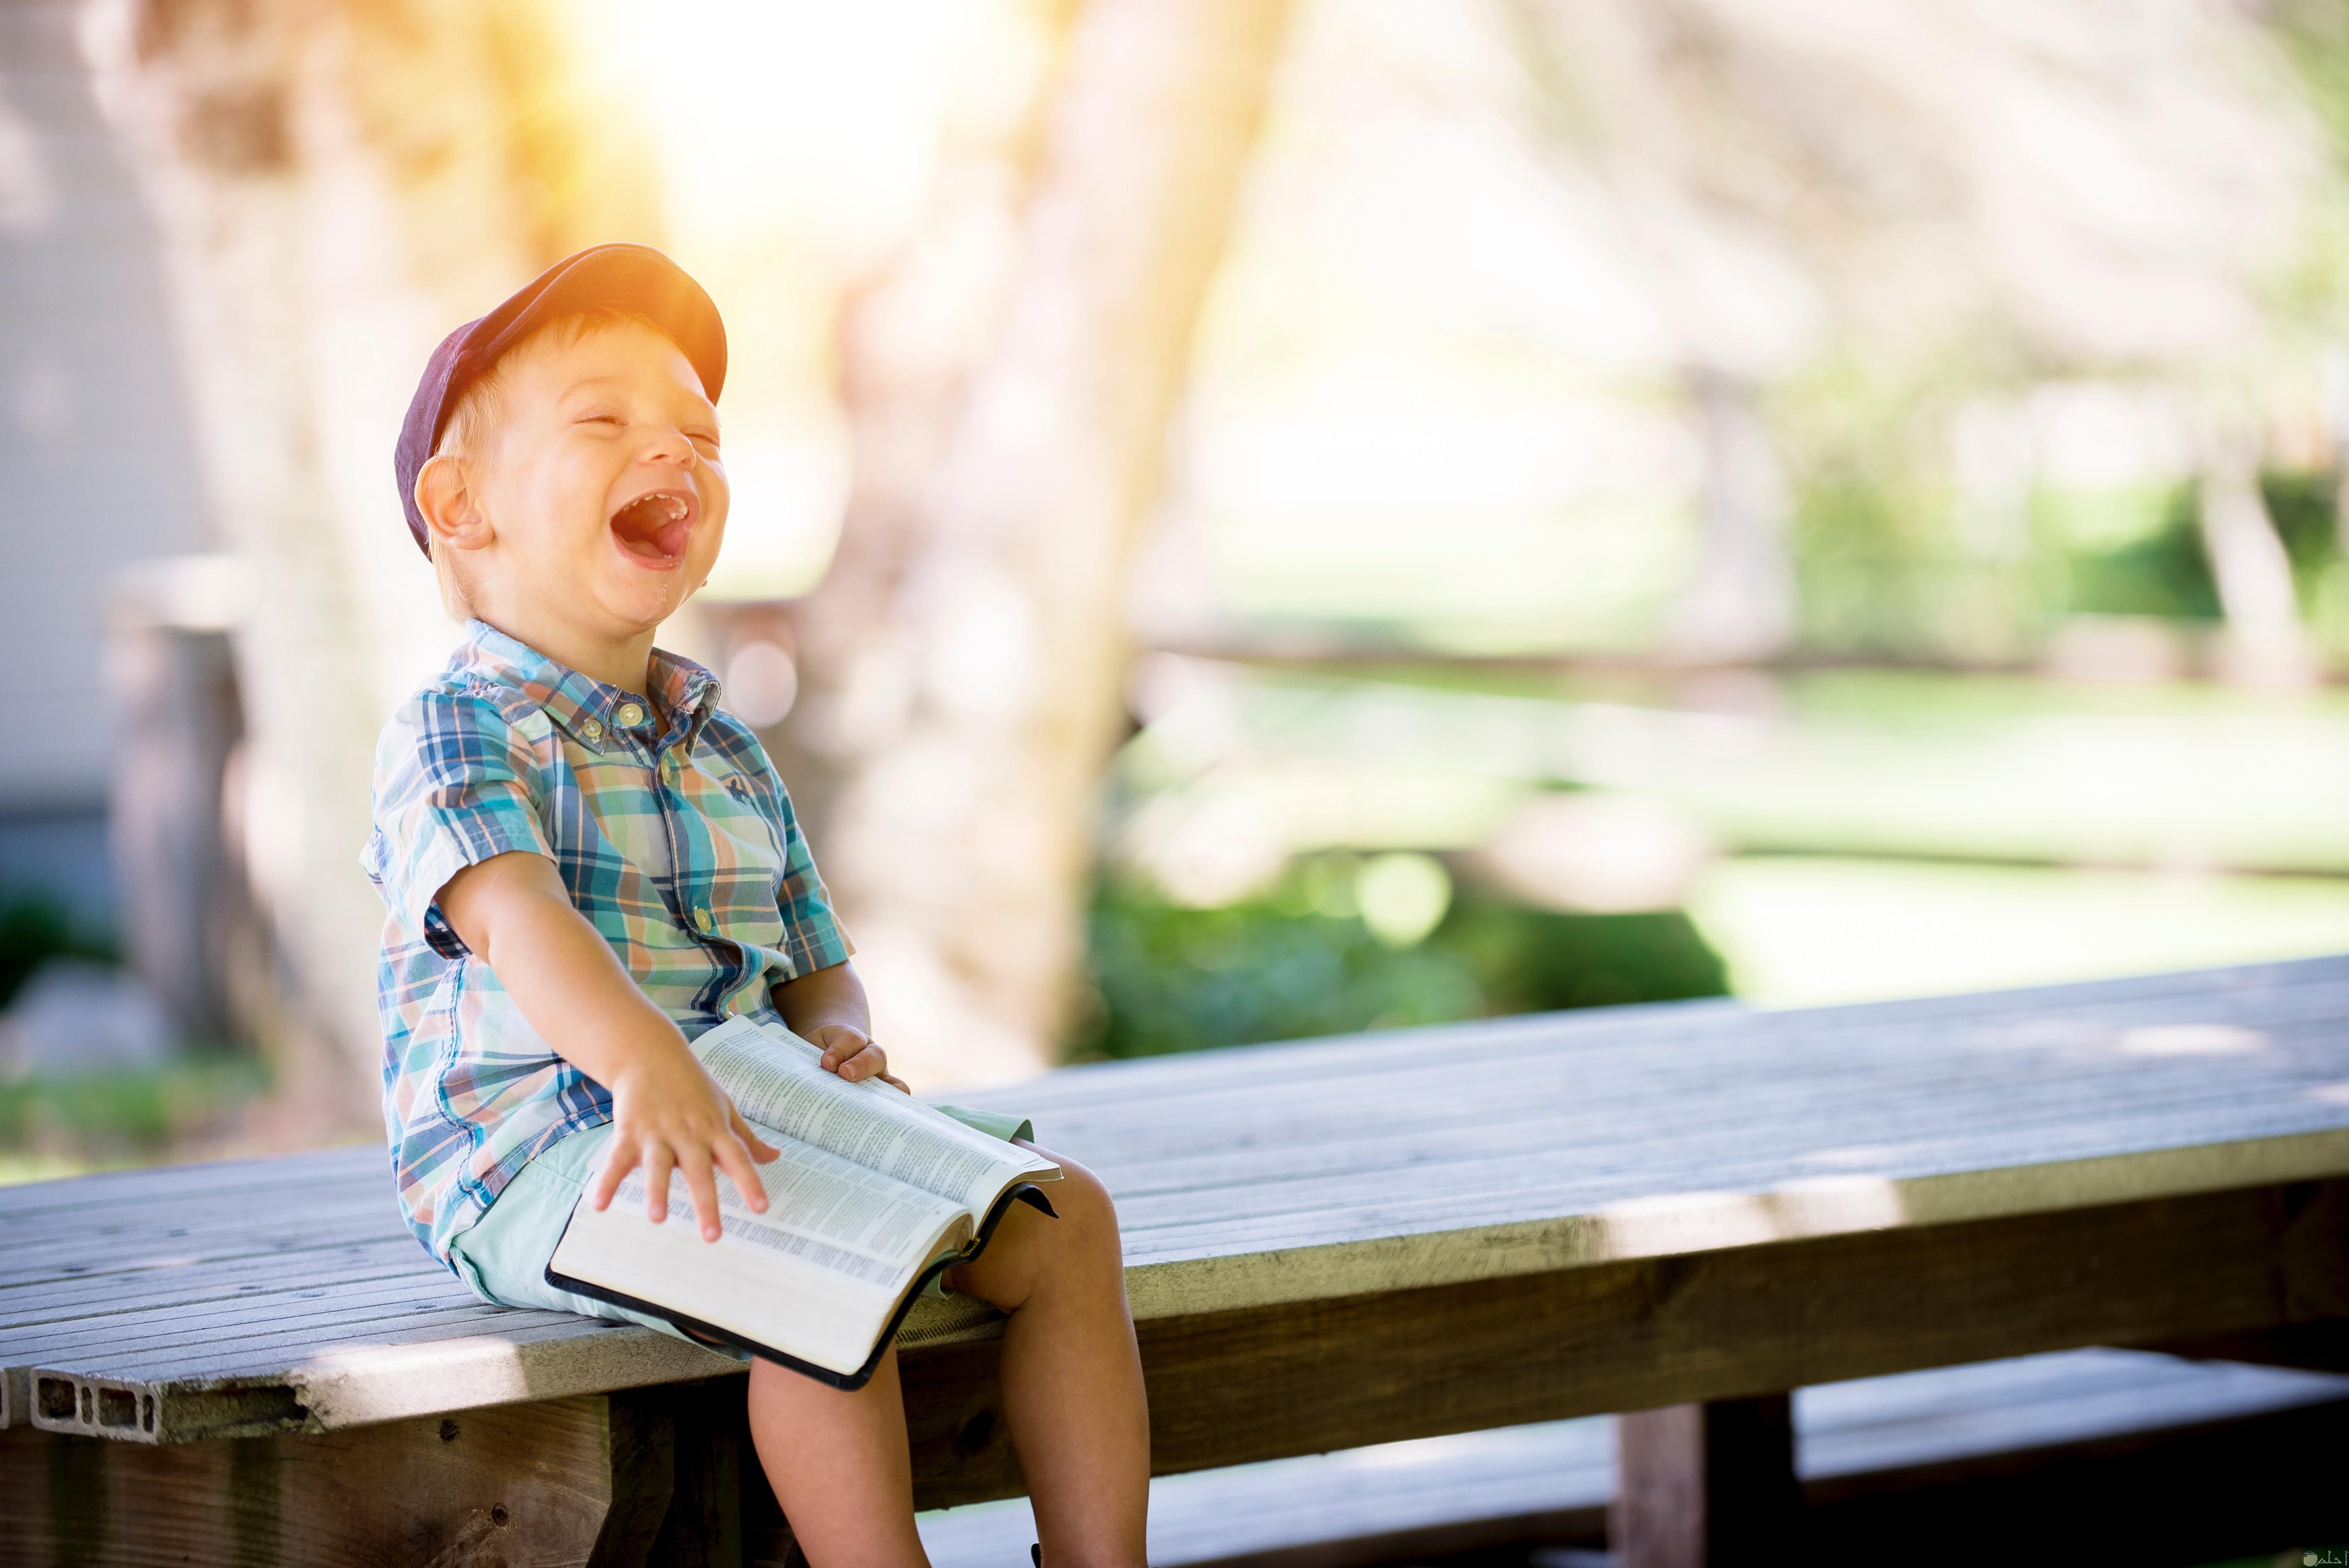 صوره طفل صغير يضحك